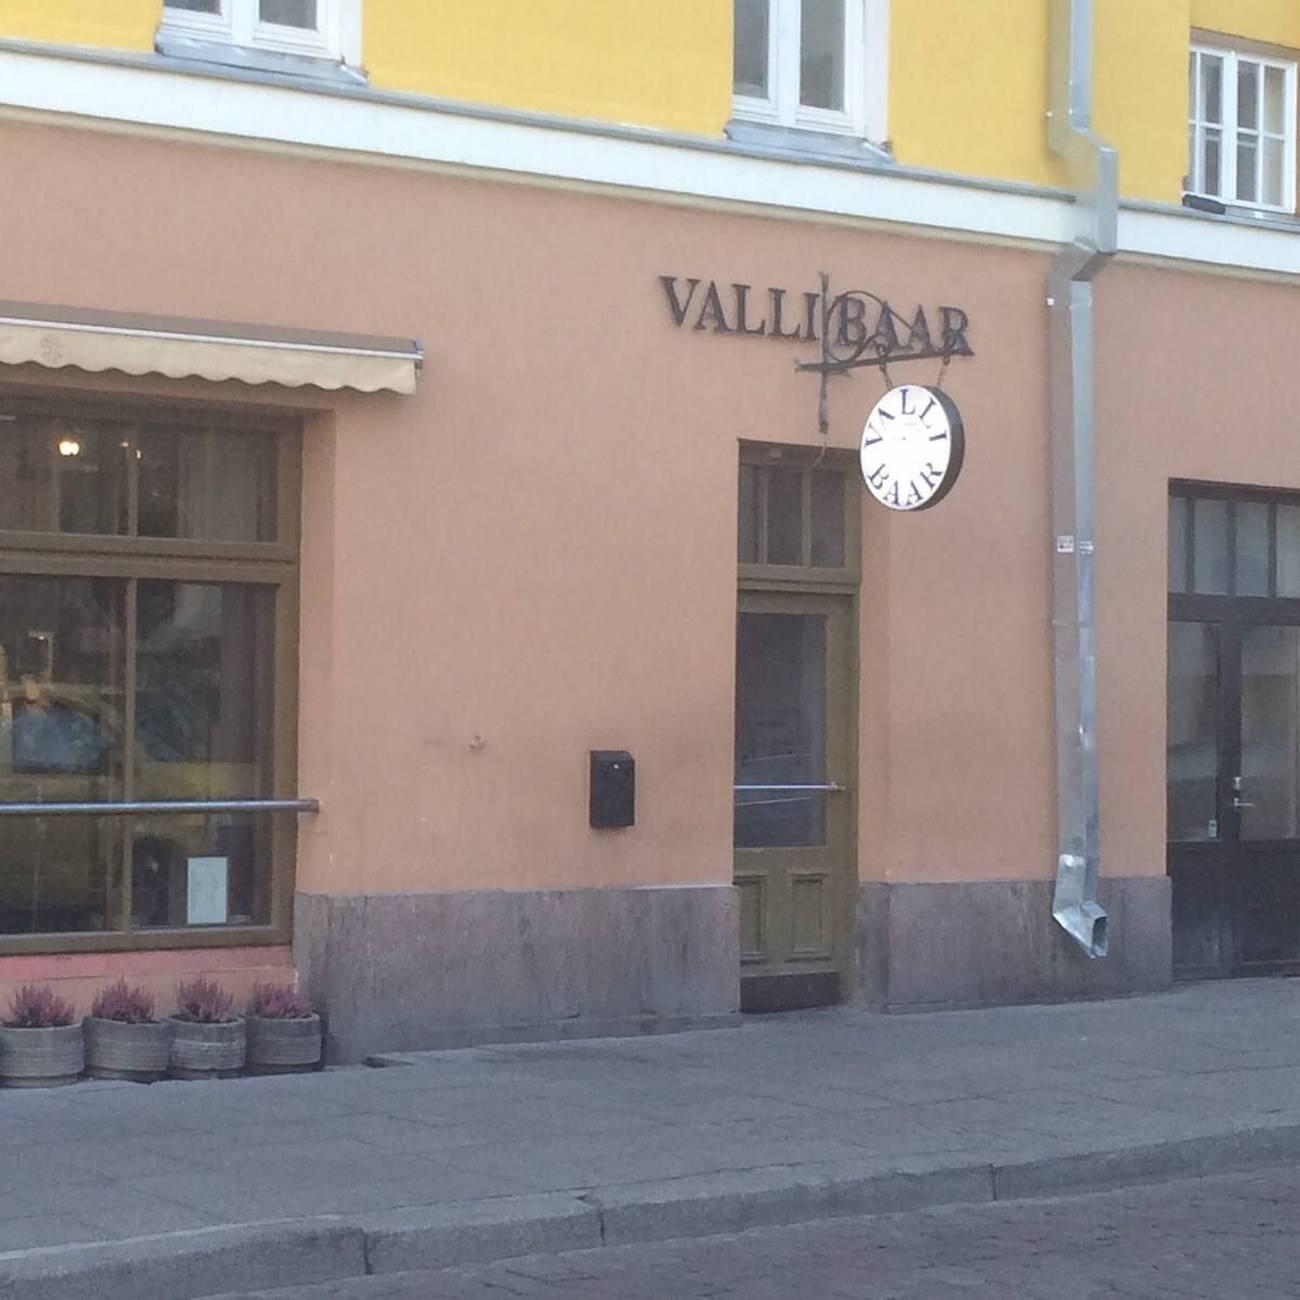 Valli baar in Tallinn,Estonia